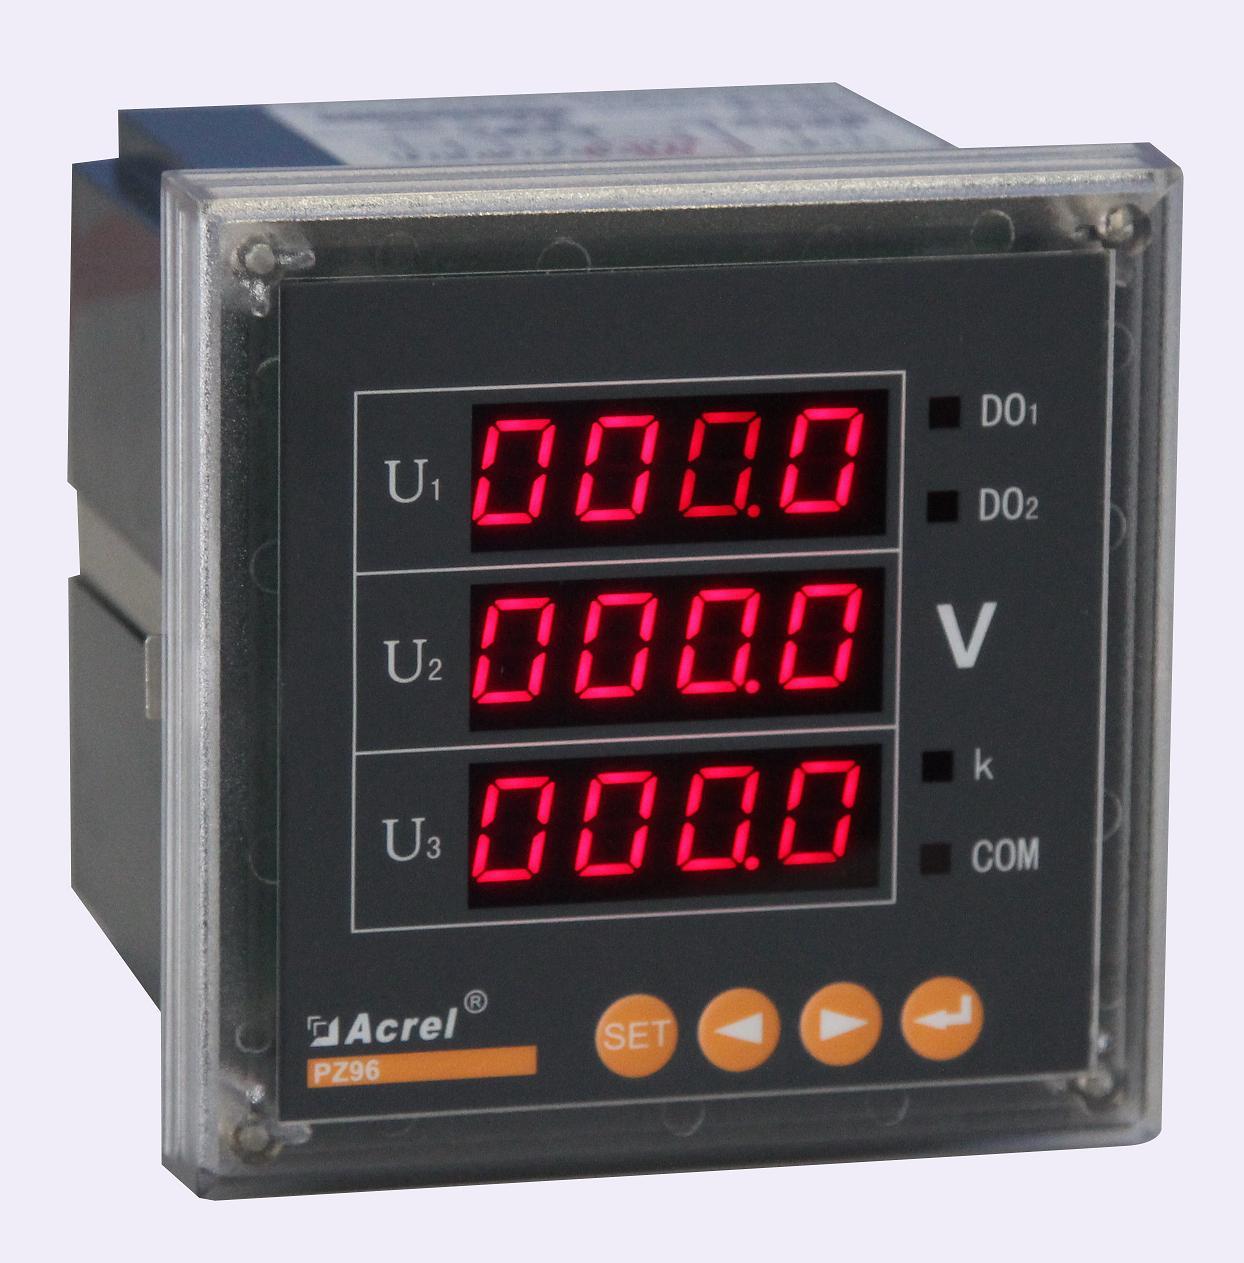 安科瑞厂家PZ96-AV3/KC 三相电压表 数码显示 开关量 RS485通讯